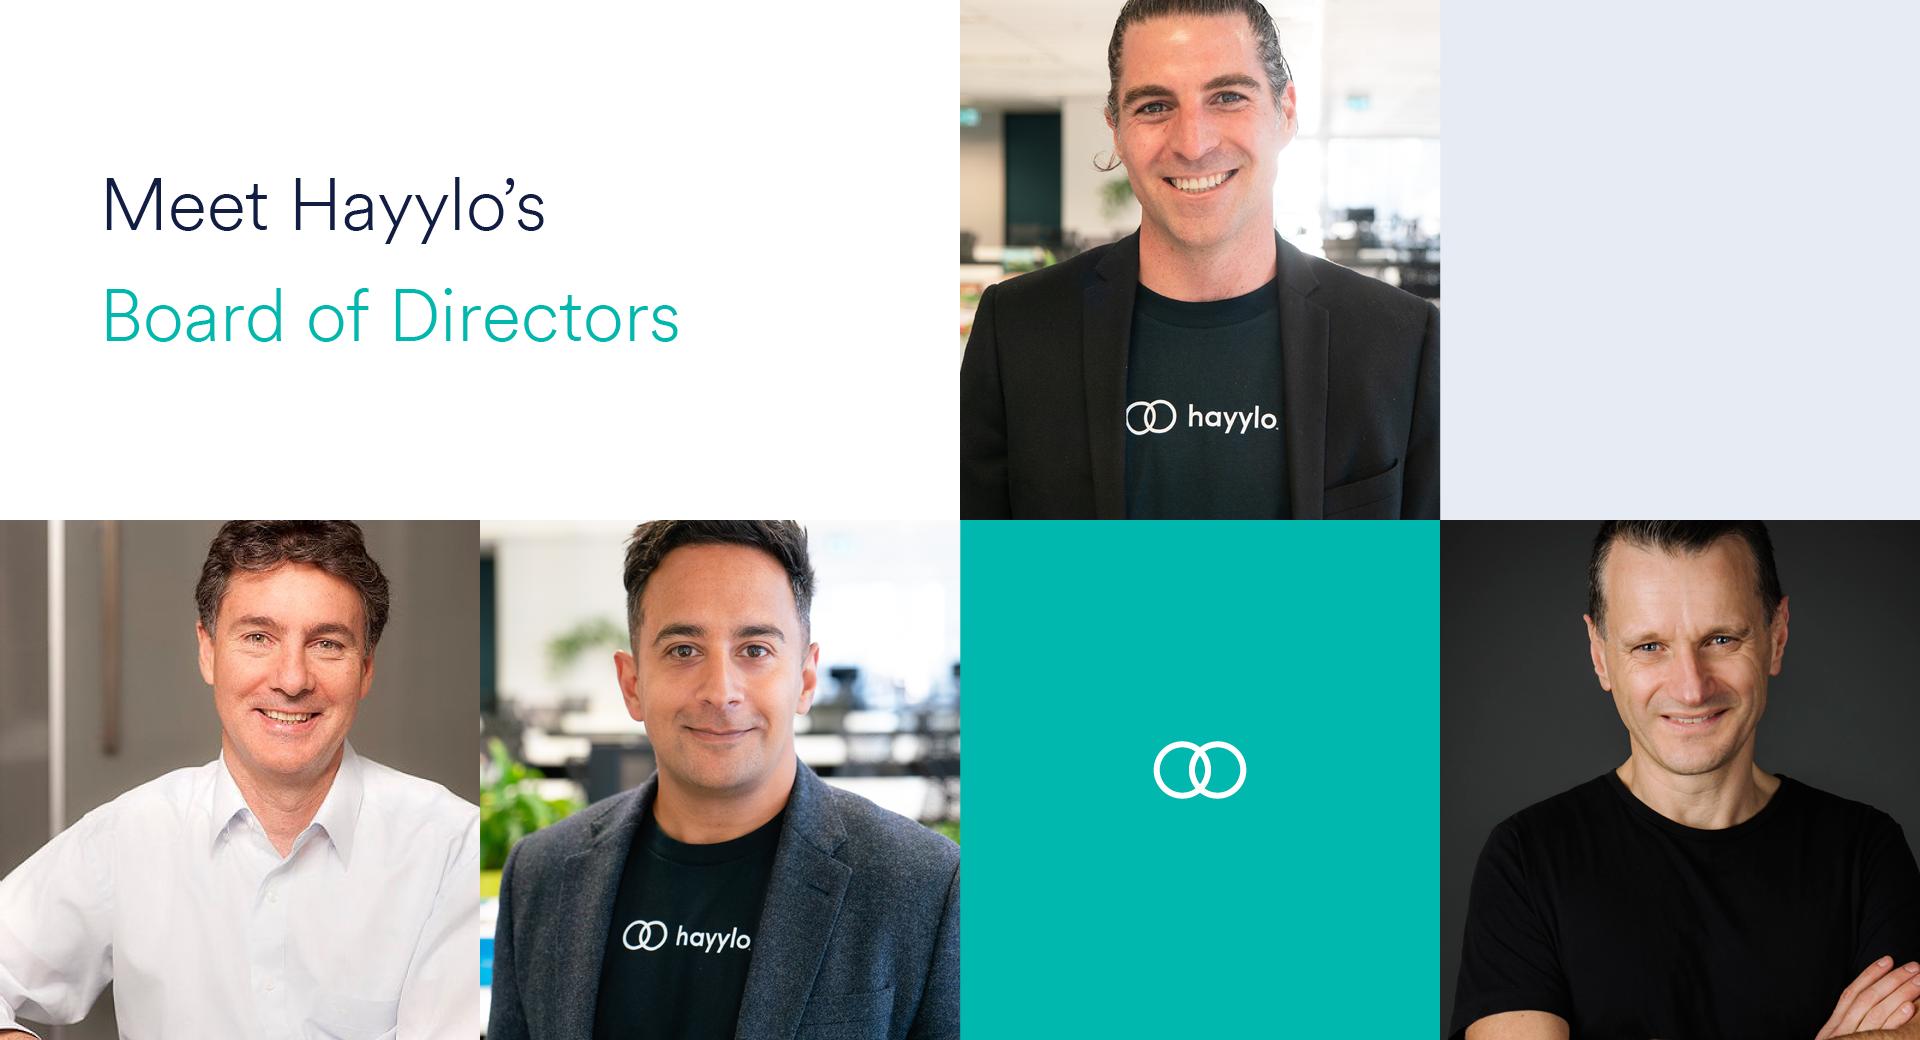 Hayylo Startup Board Directors Chris Gray Michael Panaccio